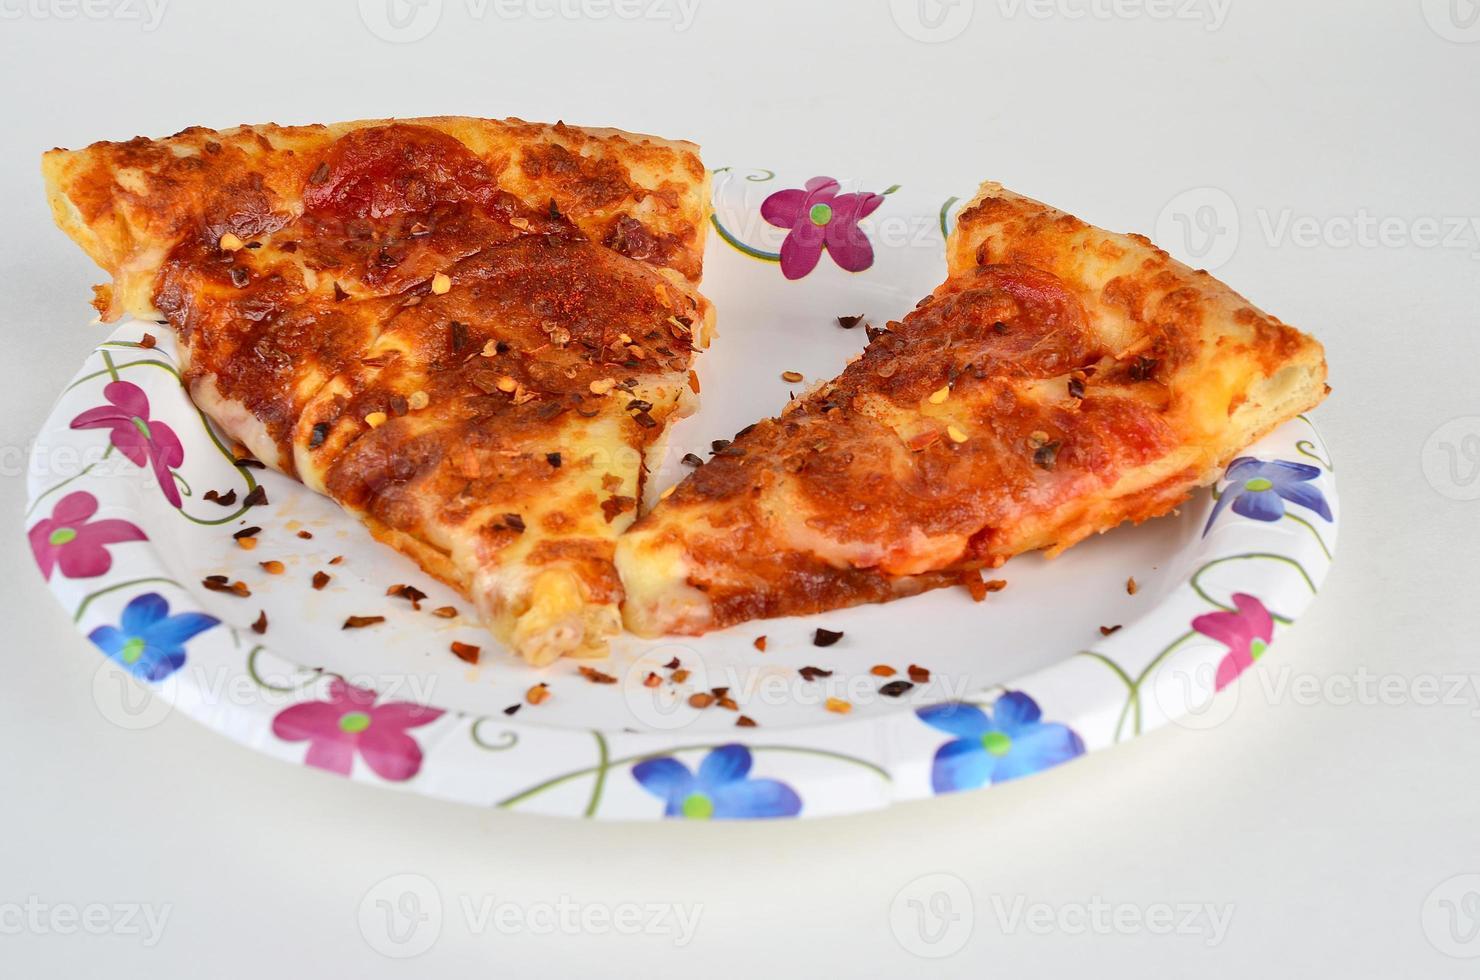 peperoncino schiacciato sulla pizza foto